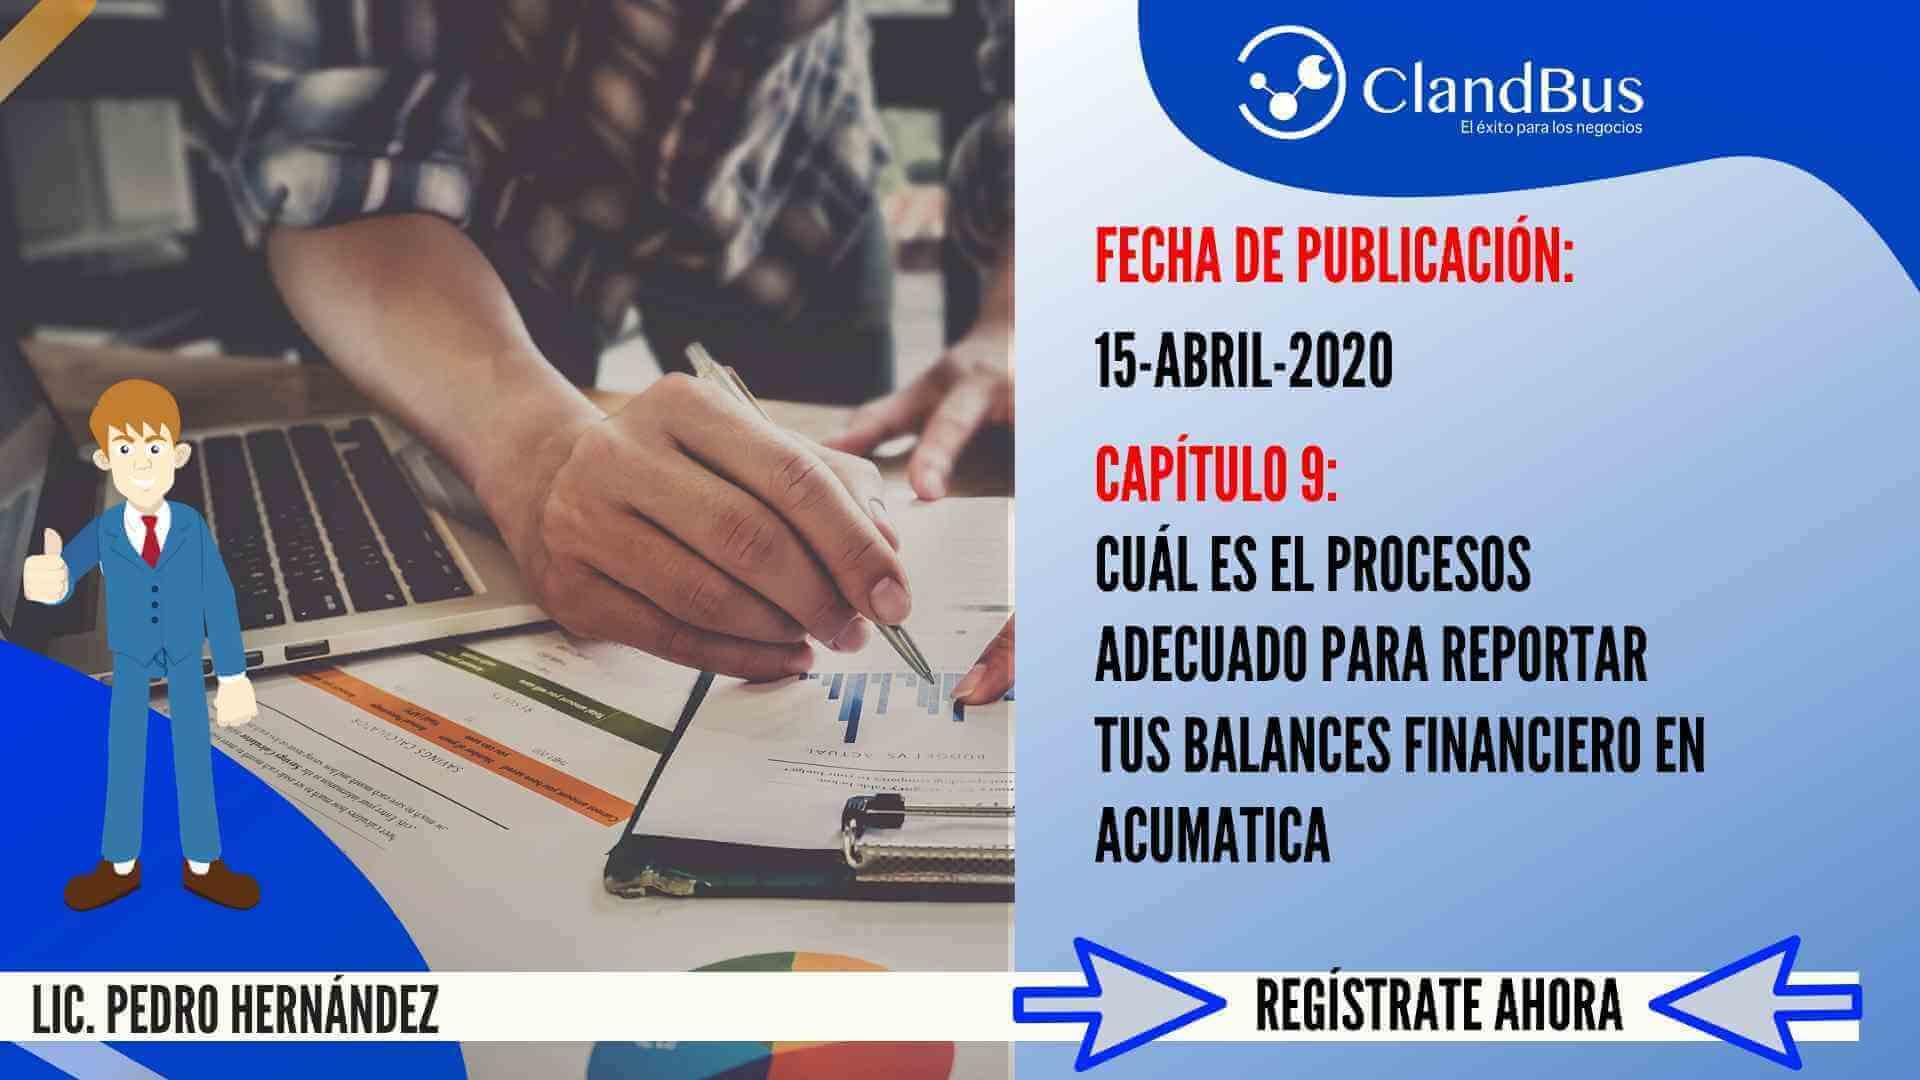 Resolución de problemas con Acumatica -cuál e s el proceso adecuado para reportar tus balances financieros en Acumatica ERP